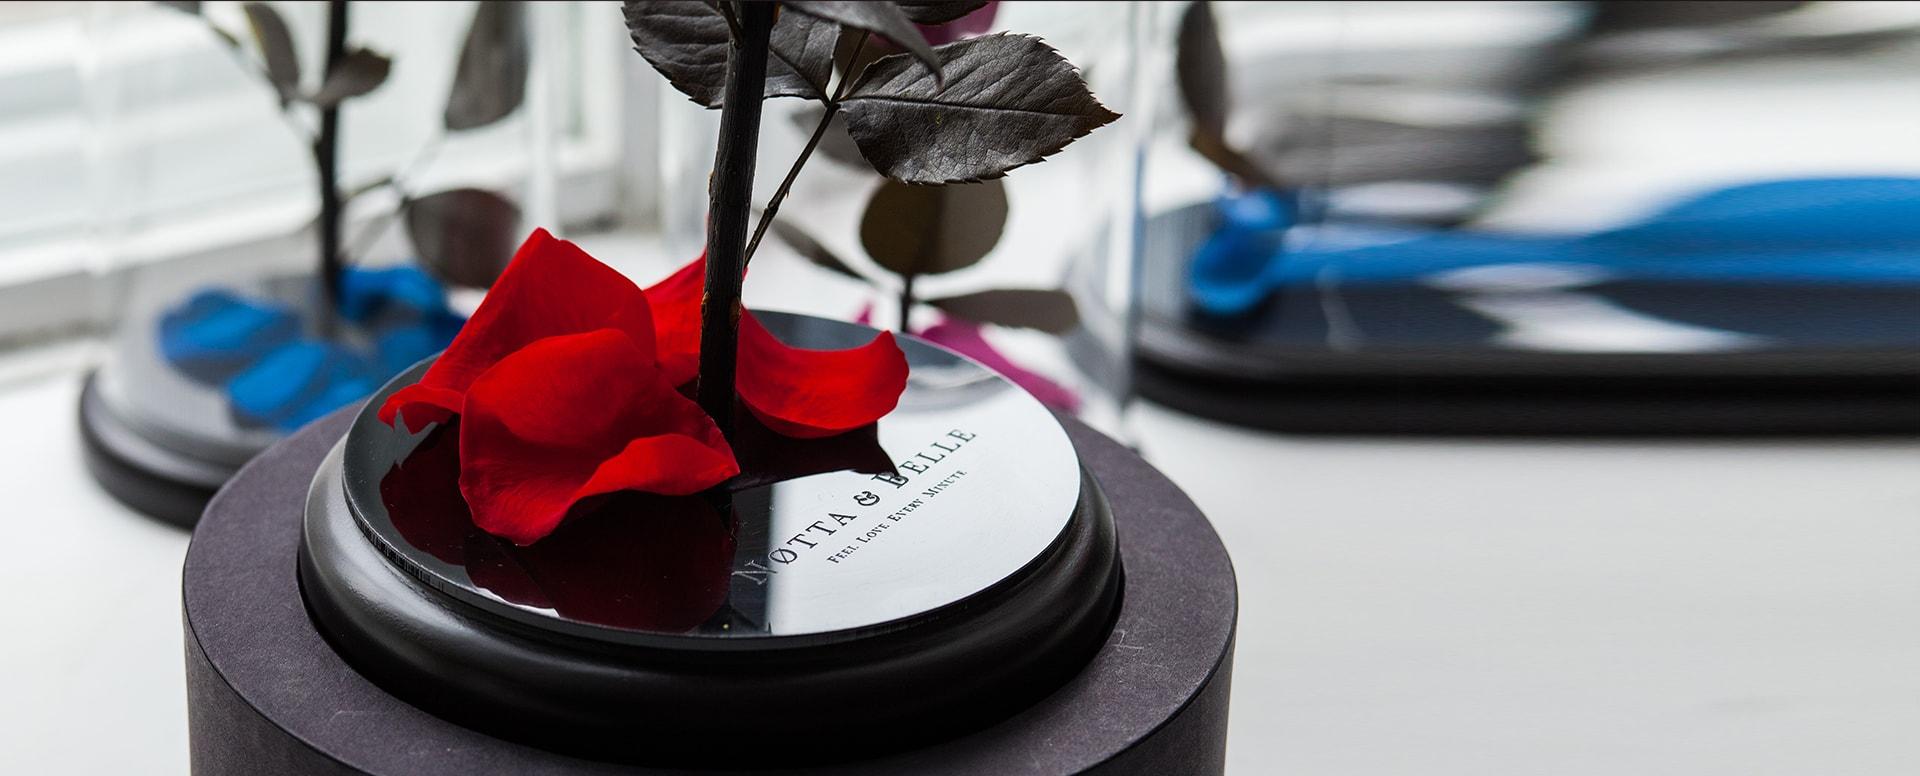 Вакуумные цветы купить в стерлитамаке заказать цветы в спб с доставкой